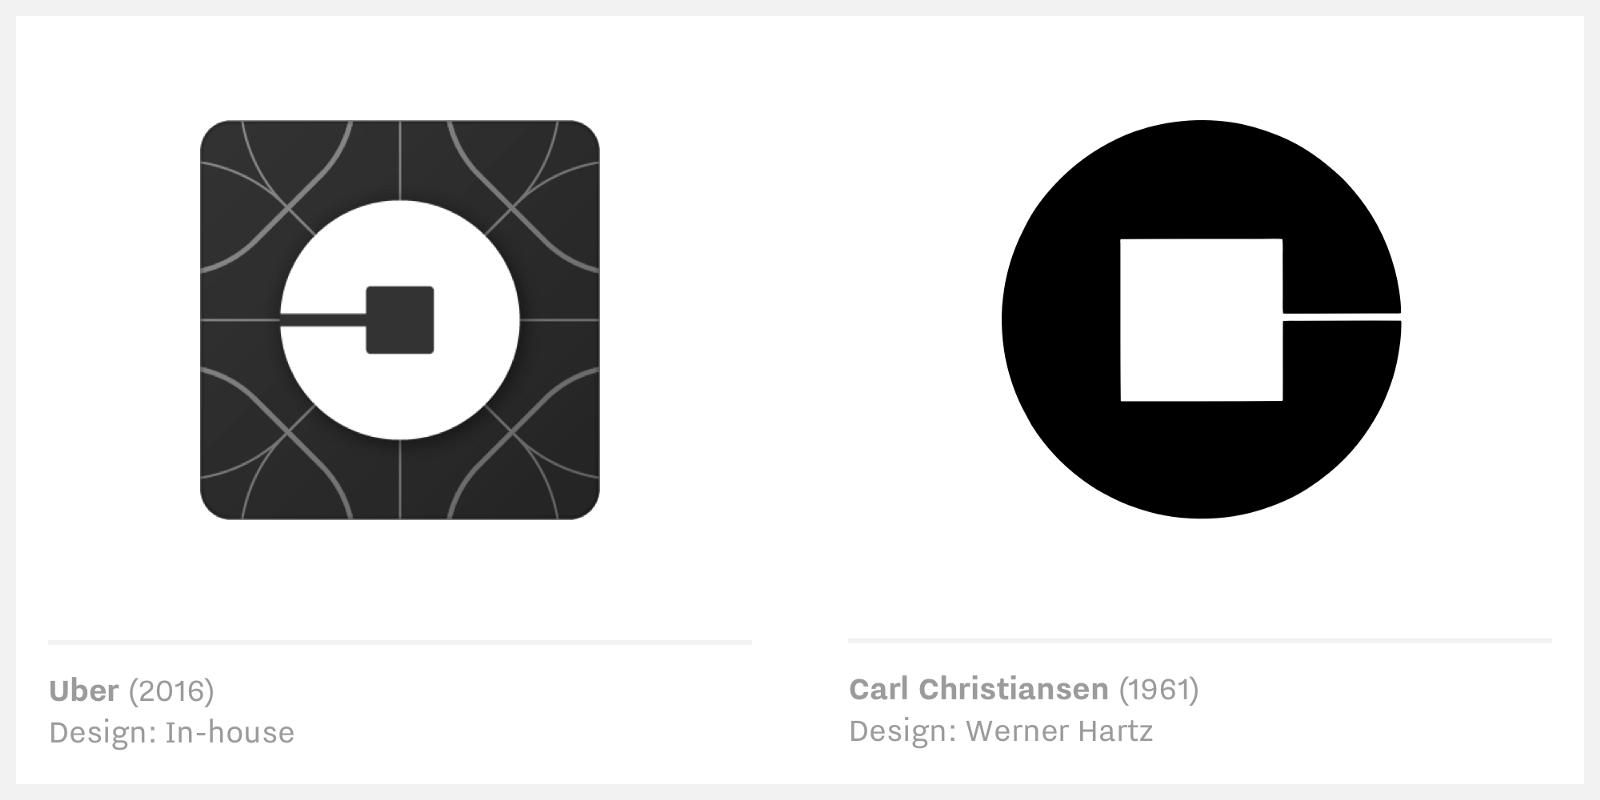 Uber vs Carl Christiansen